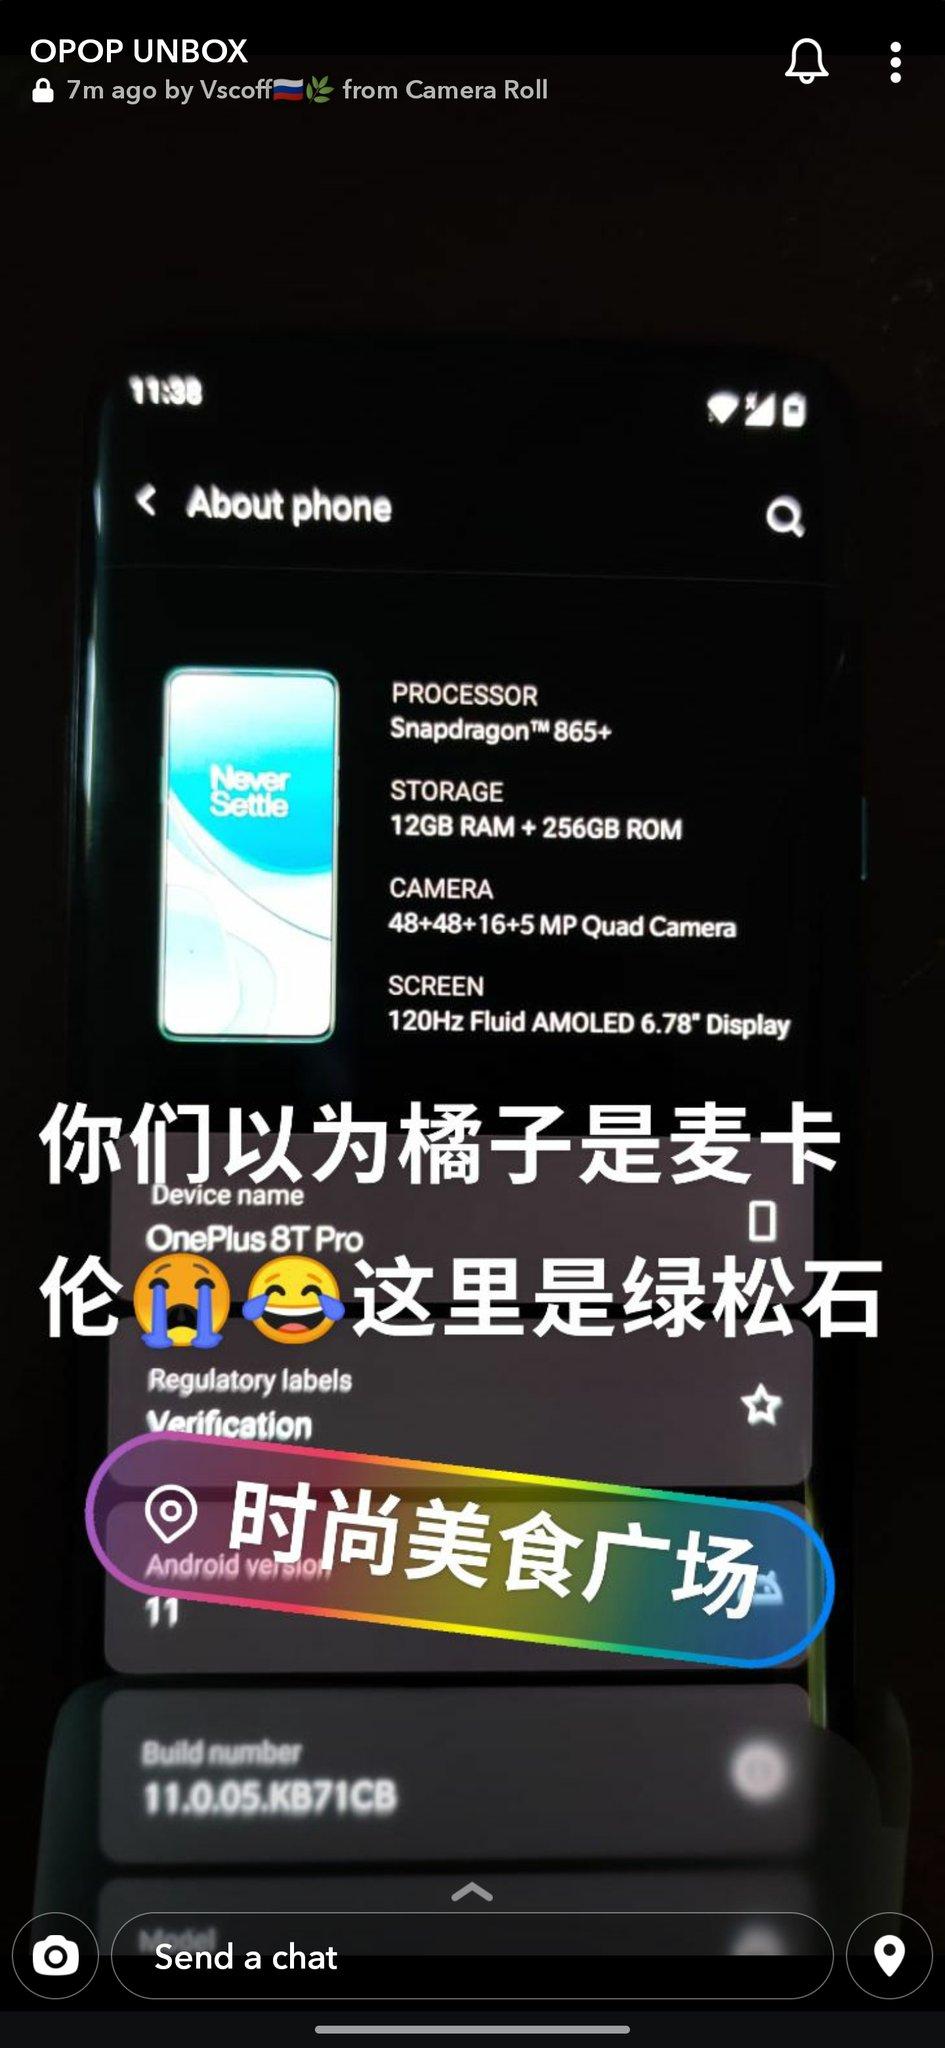 kiedy premiera OnePlus 8T Pro zdjęcia specyfikacja dane techniczne plotki przecieki wycieki